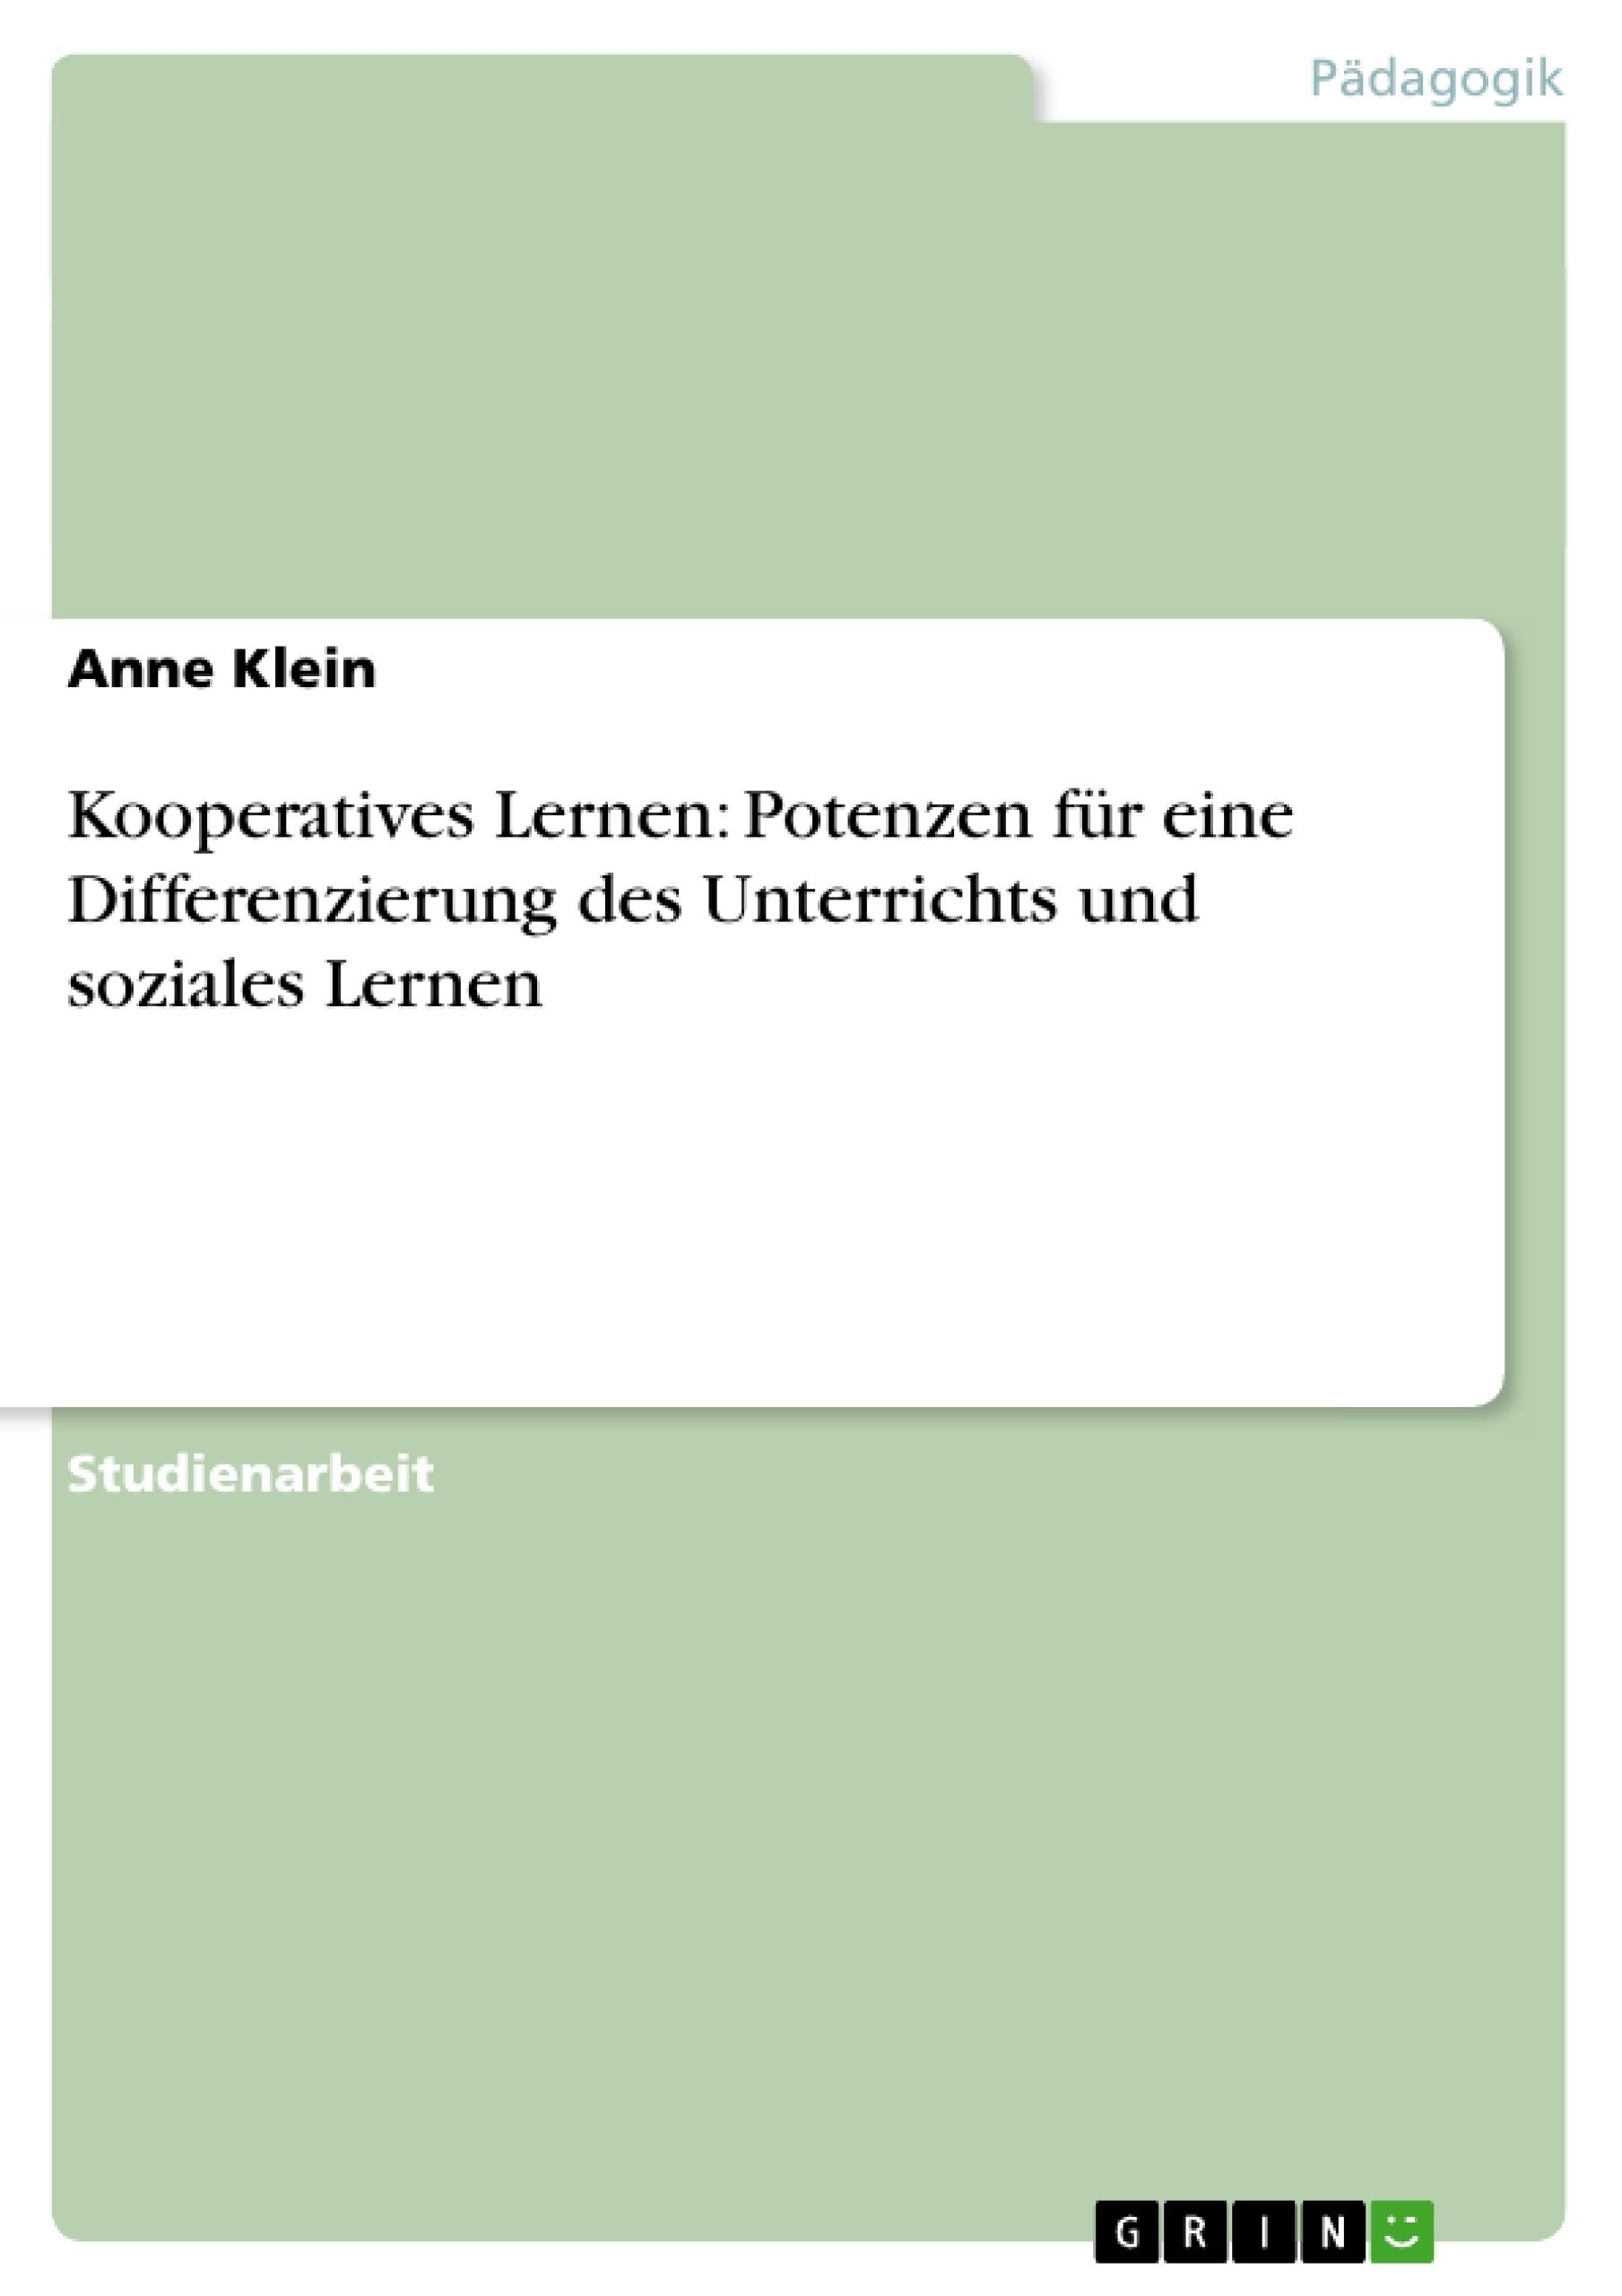 Titel: Kooperatives Lernen: Potenzen für eine Differenzierung des Unterrichts und soziales Lernen